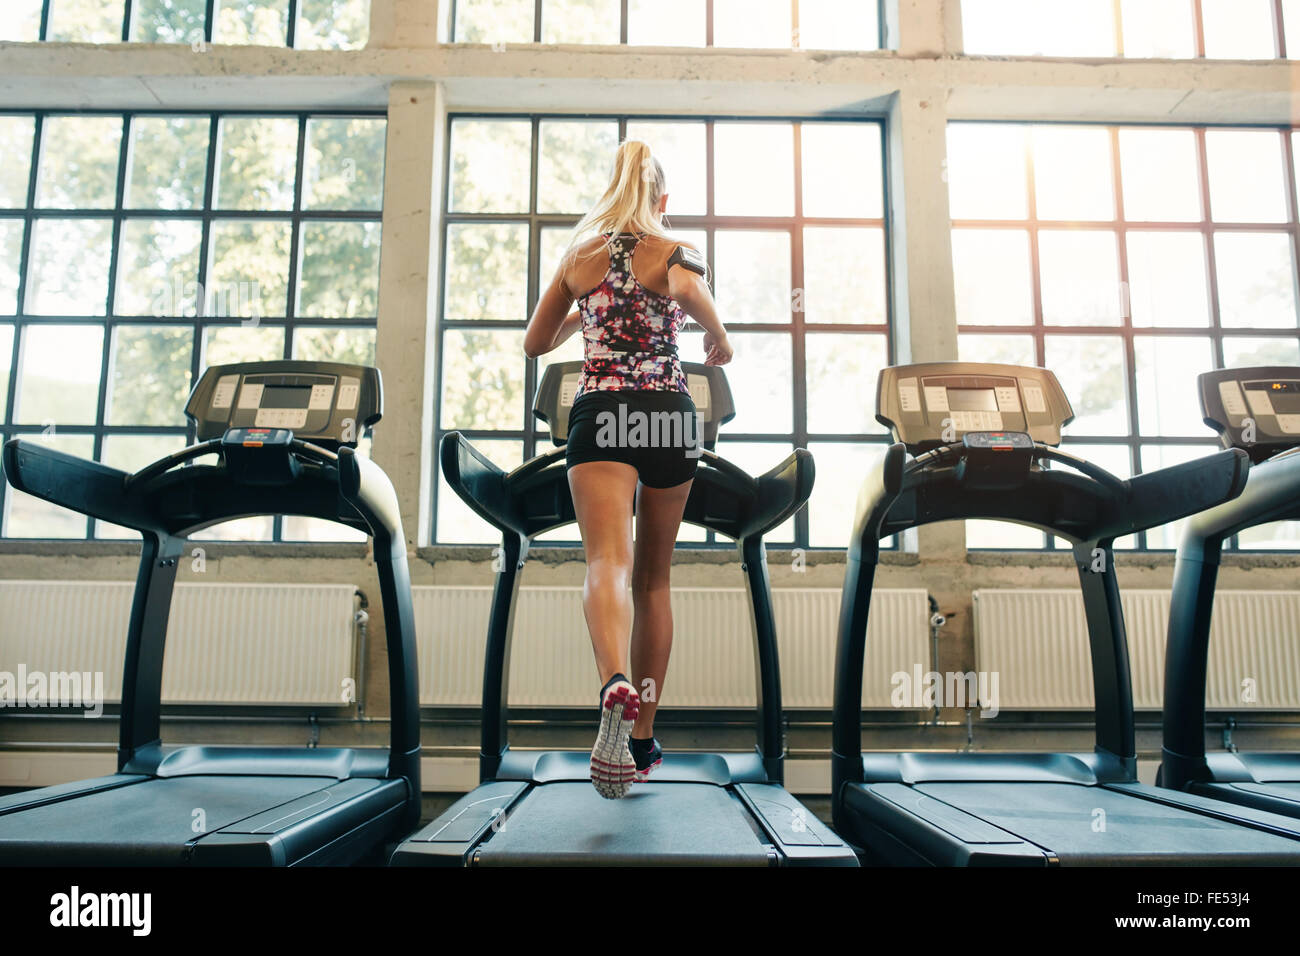 Horizontale Aufnahme Frau Joggen auf dem Laufband im Fitnessstudio. Weibchen in einem Fitnessstudio laufen auf einem Stockbild